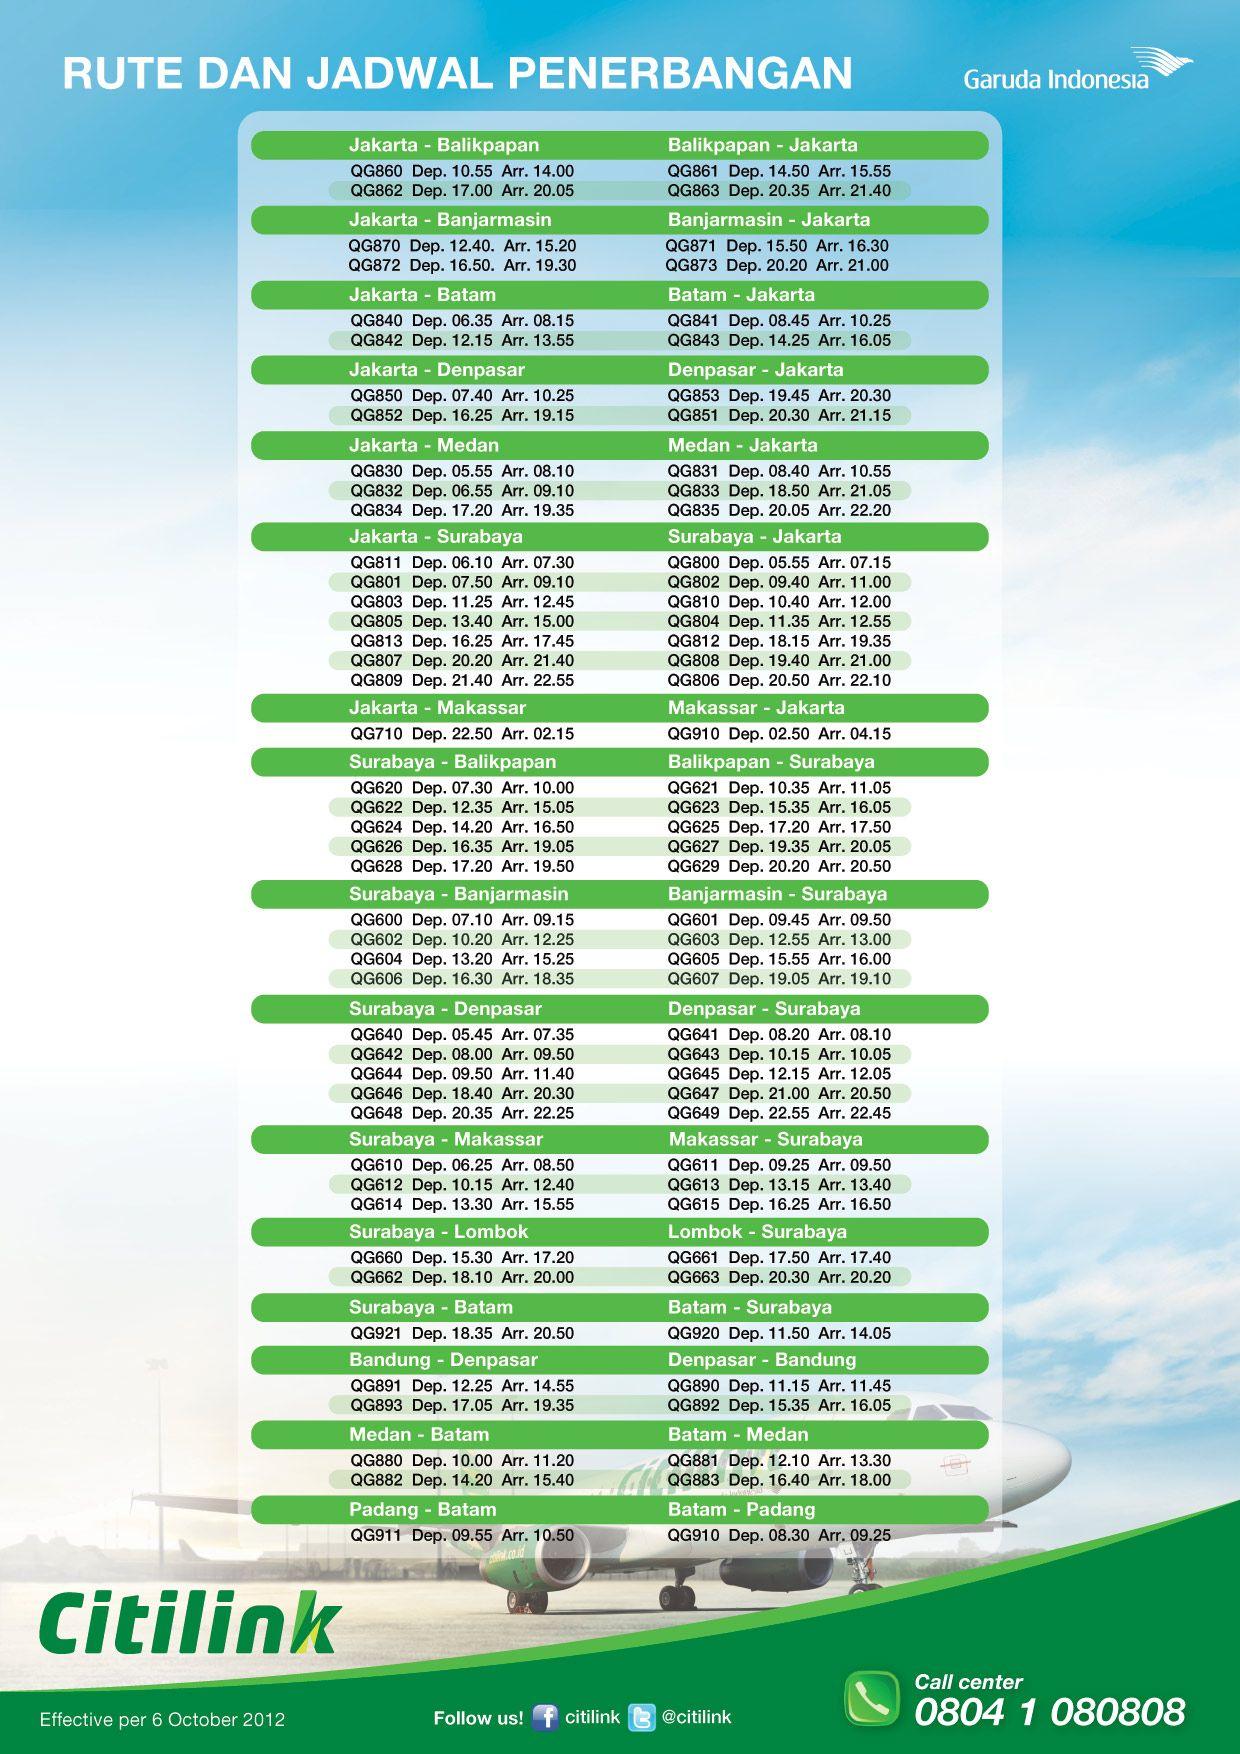 Rute dan Jadwal Penerbangan Effective per 6 Oktober 2012